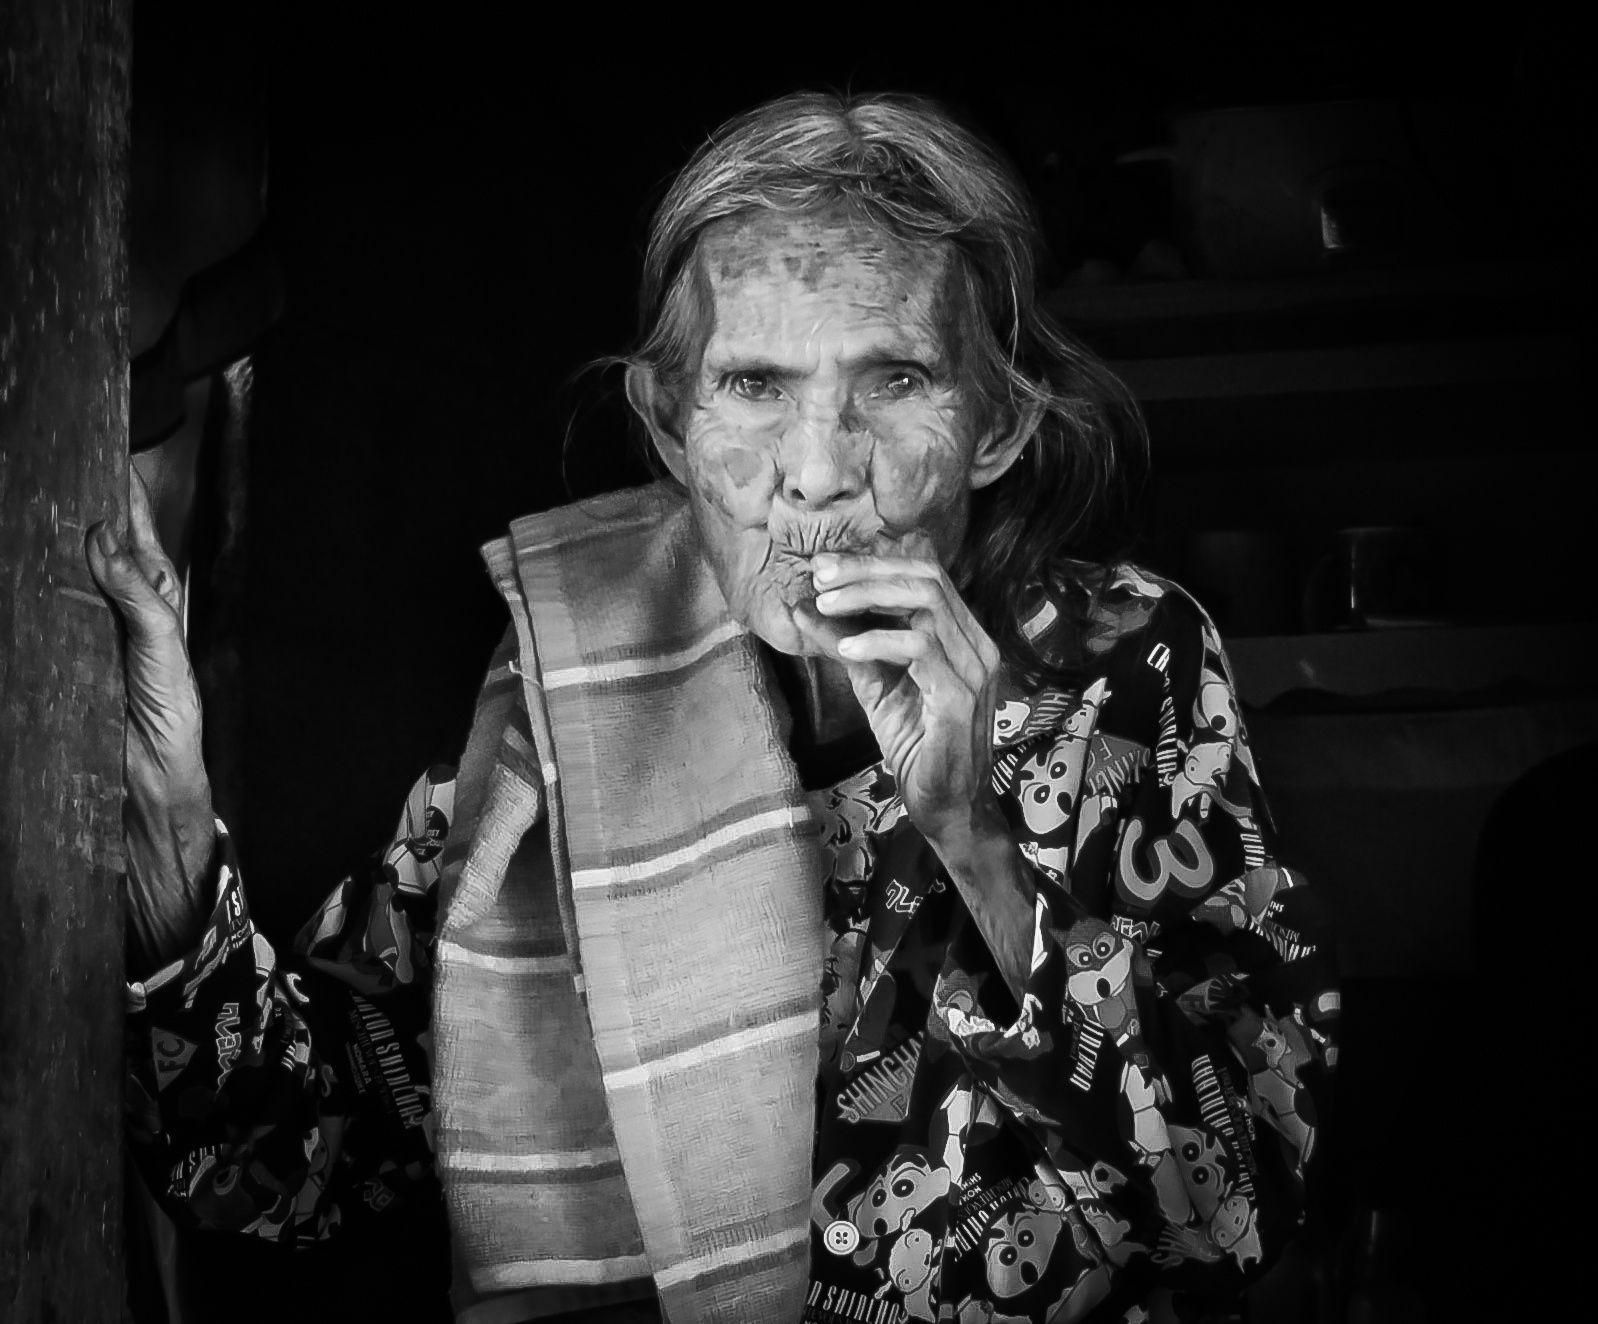 La mamie de la famille âgée de 84 ans.